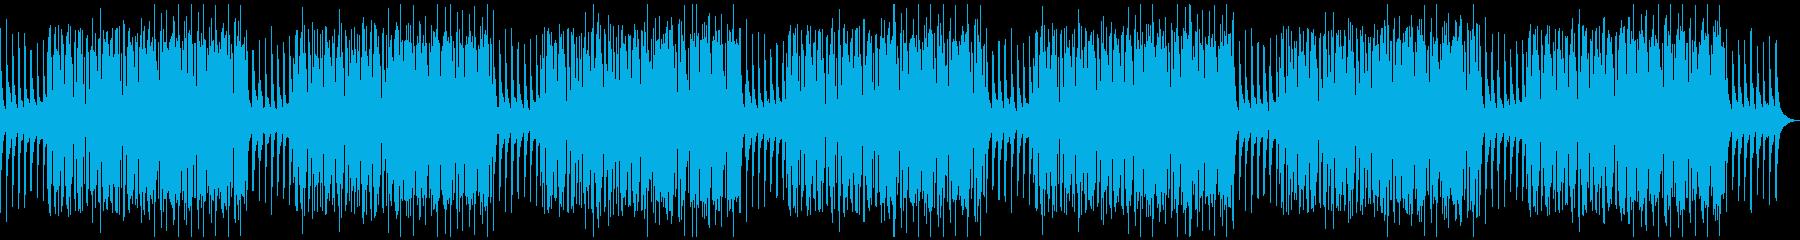 チルアウト、ローファイ、YouTubeの再生済みの波形